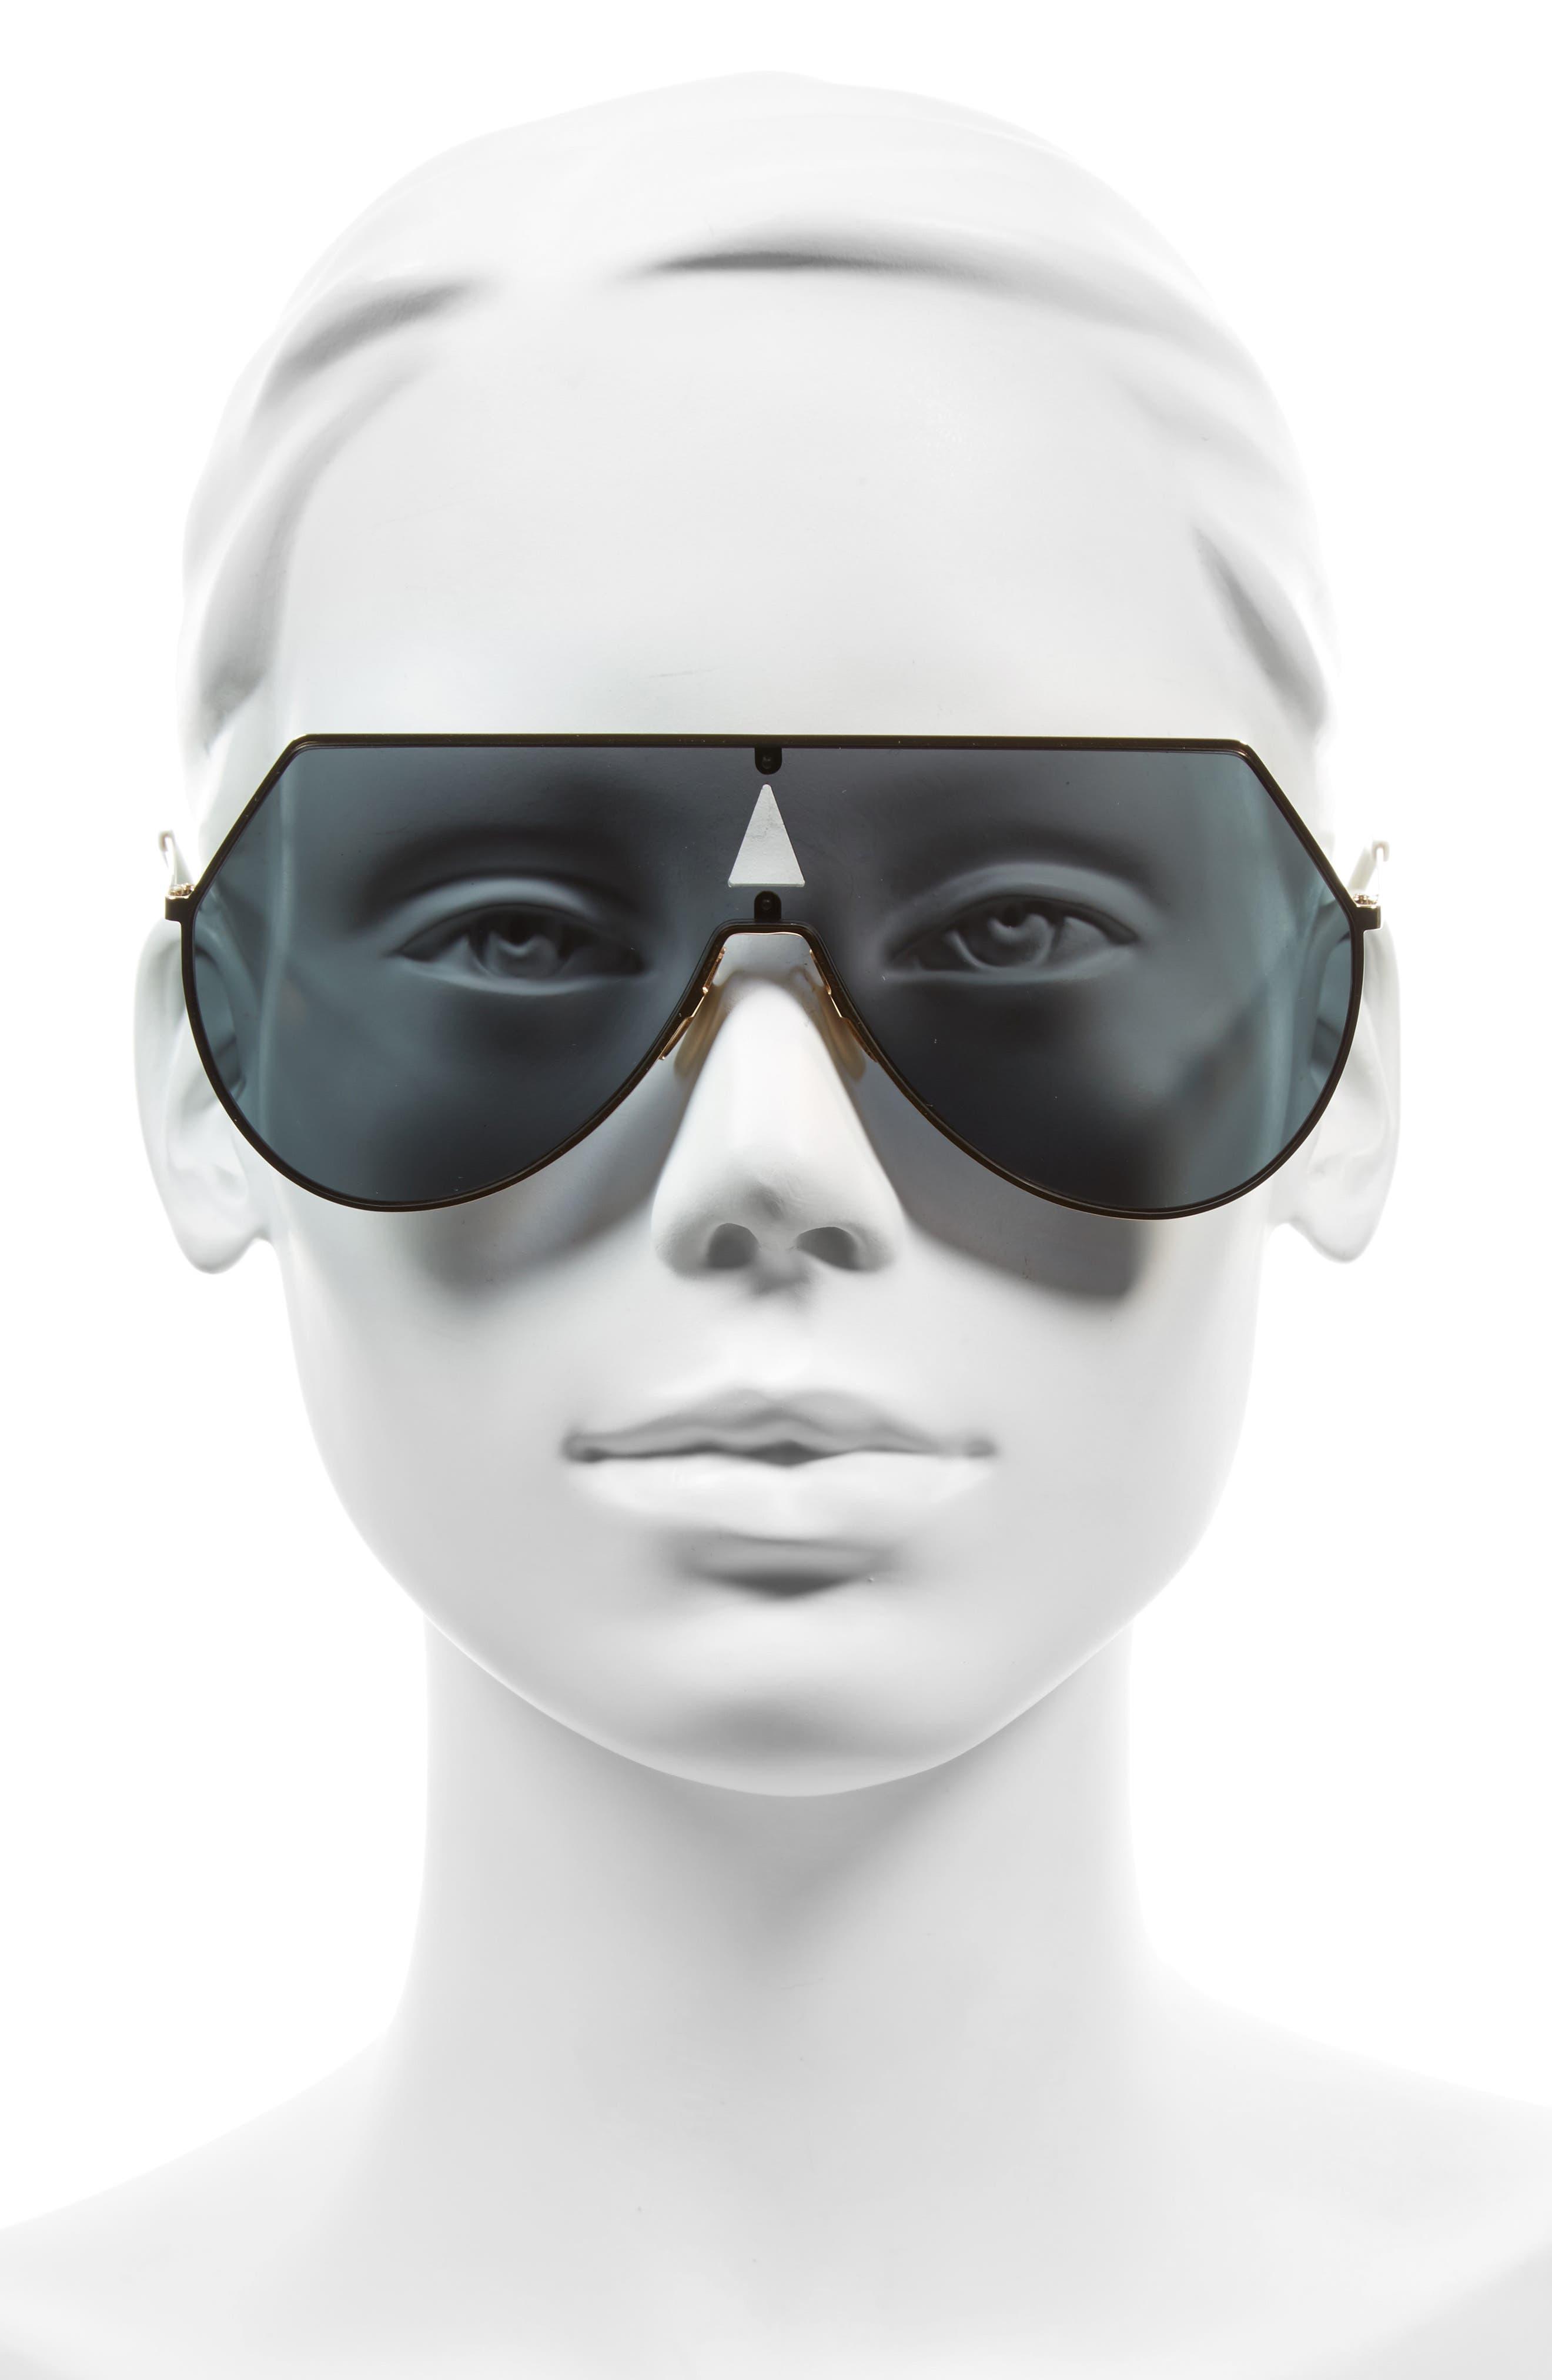 99mm Eyeline Aviator Sunglasses,                             Alternate thumbnail 2, color,                             ROSE GOLD